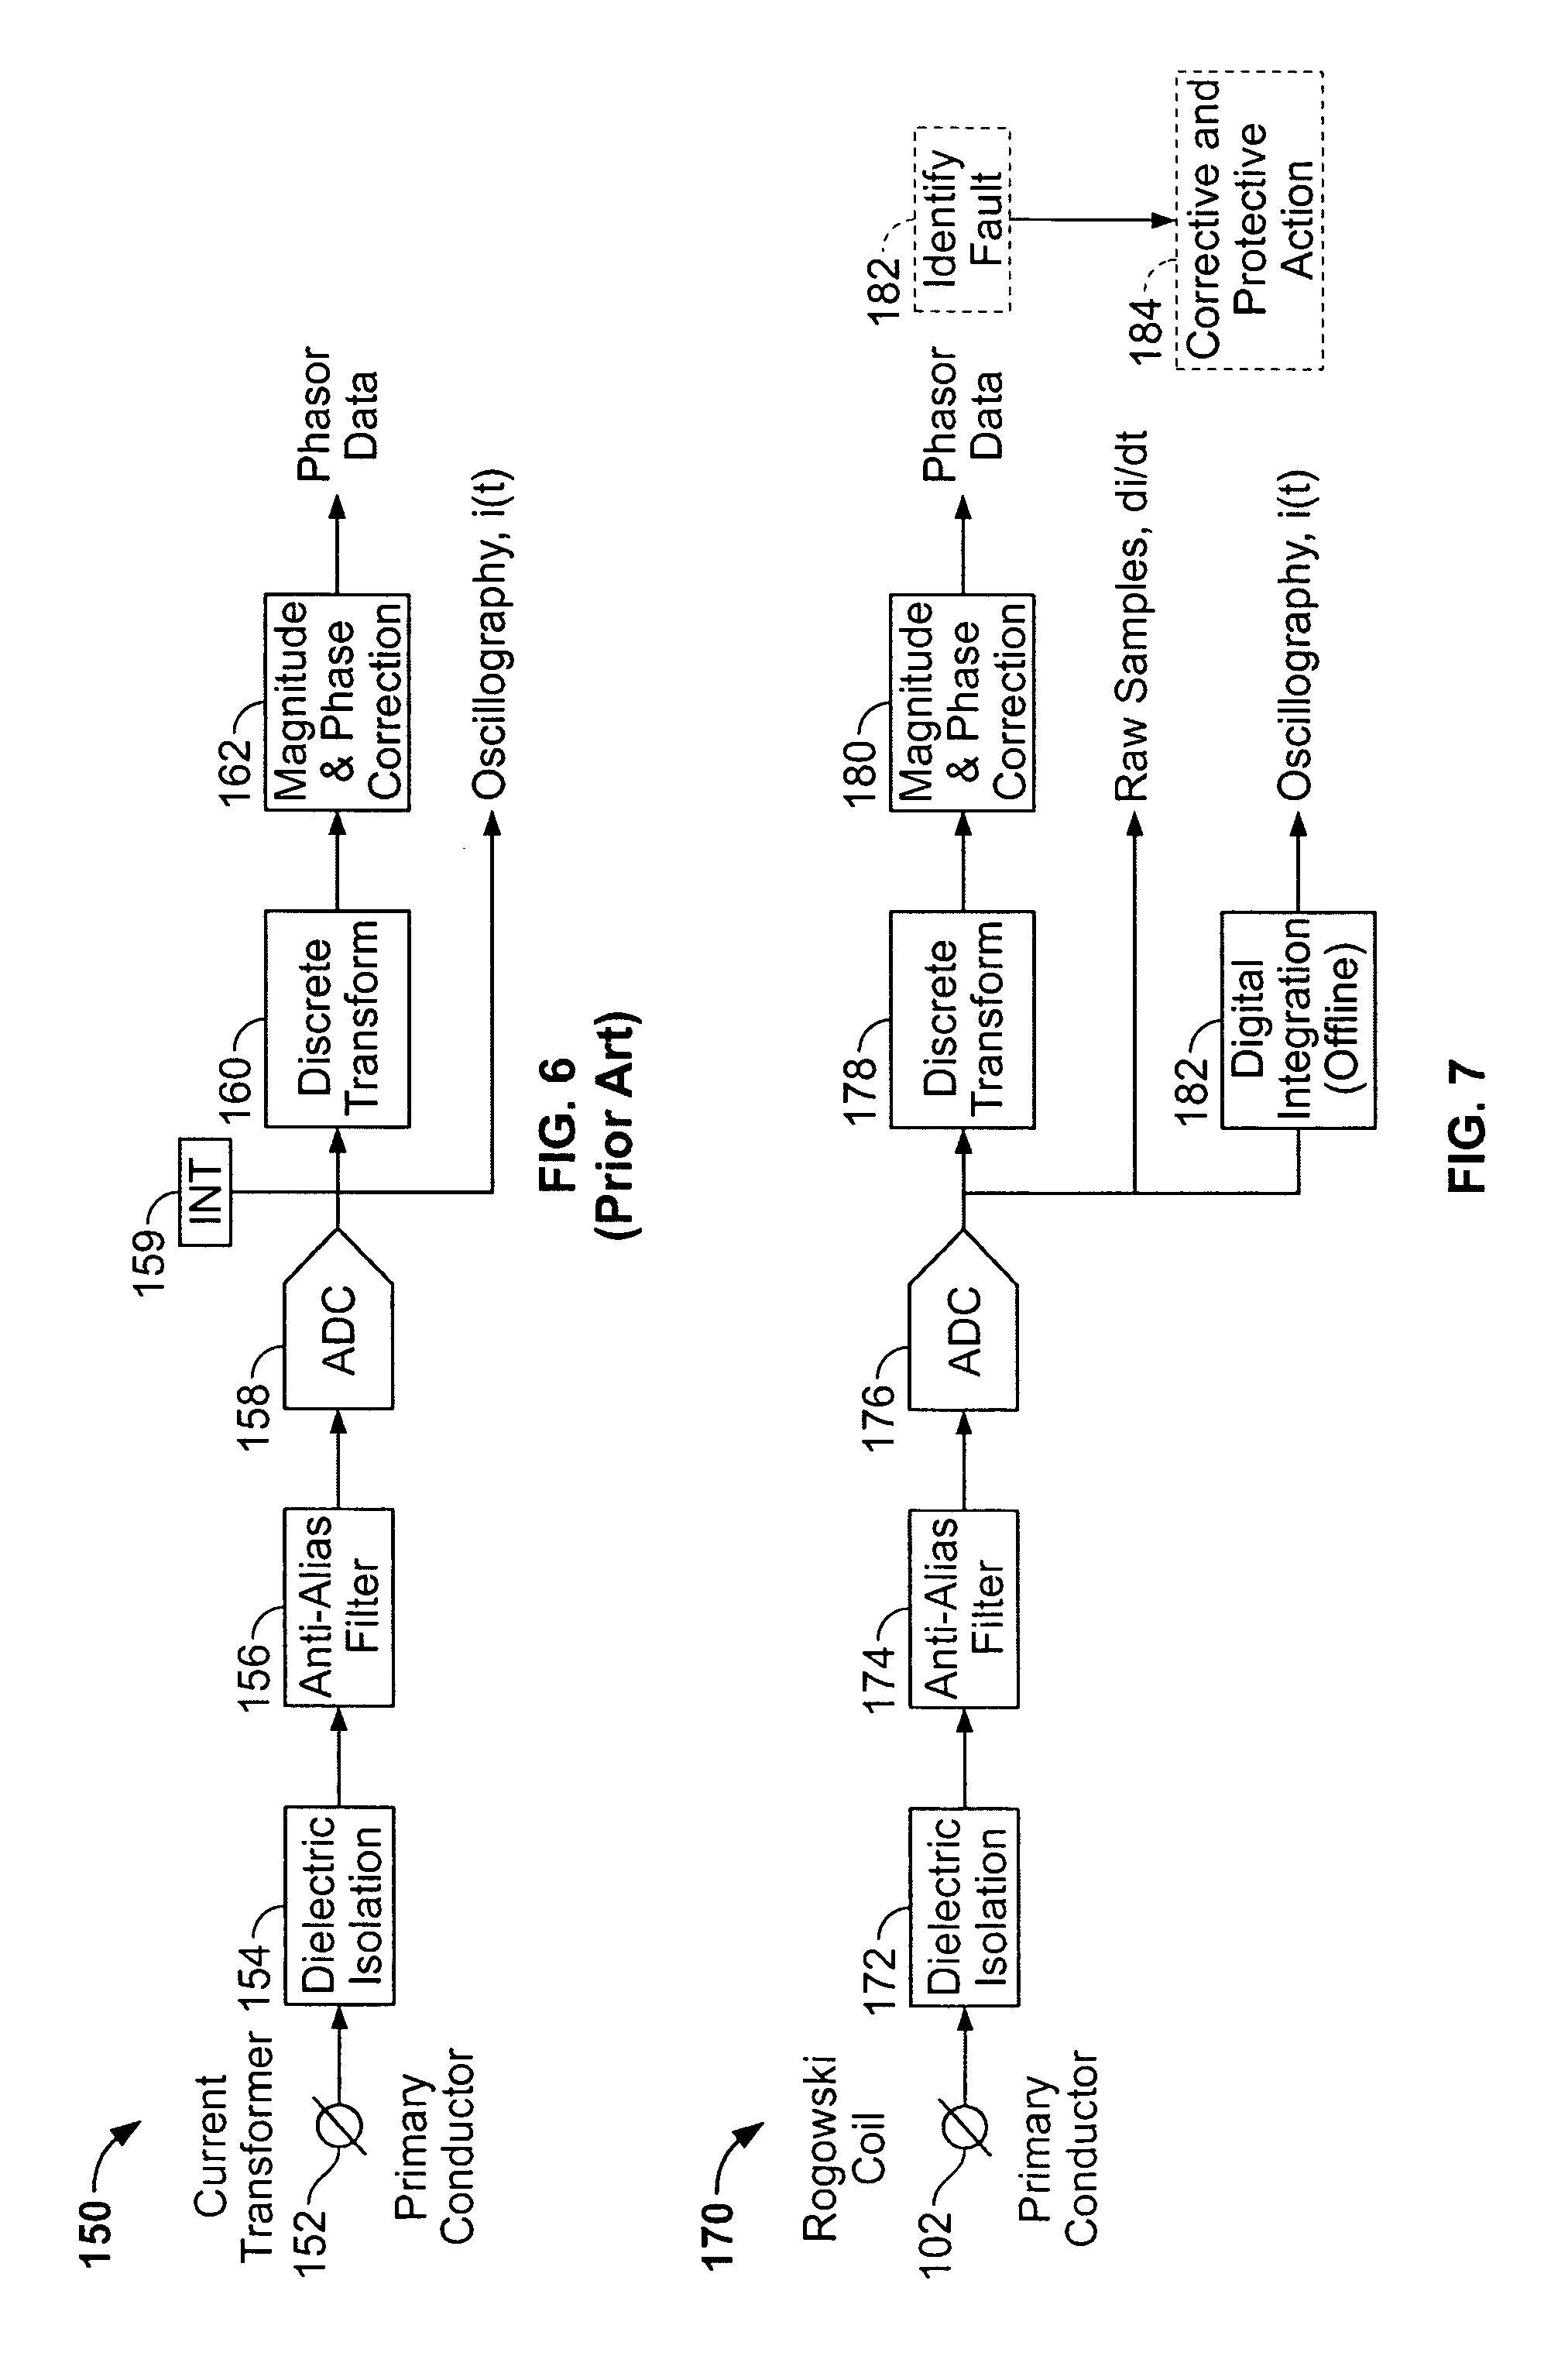 patent us7638999